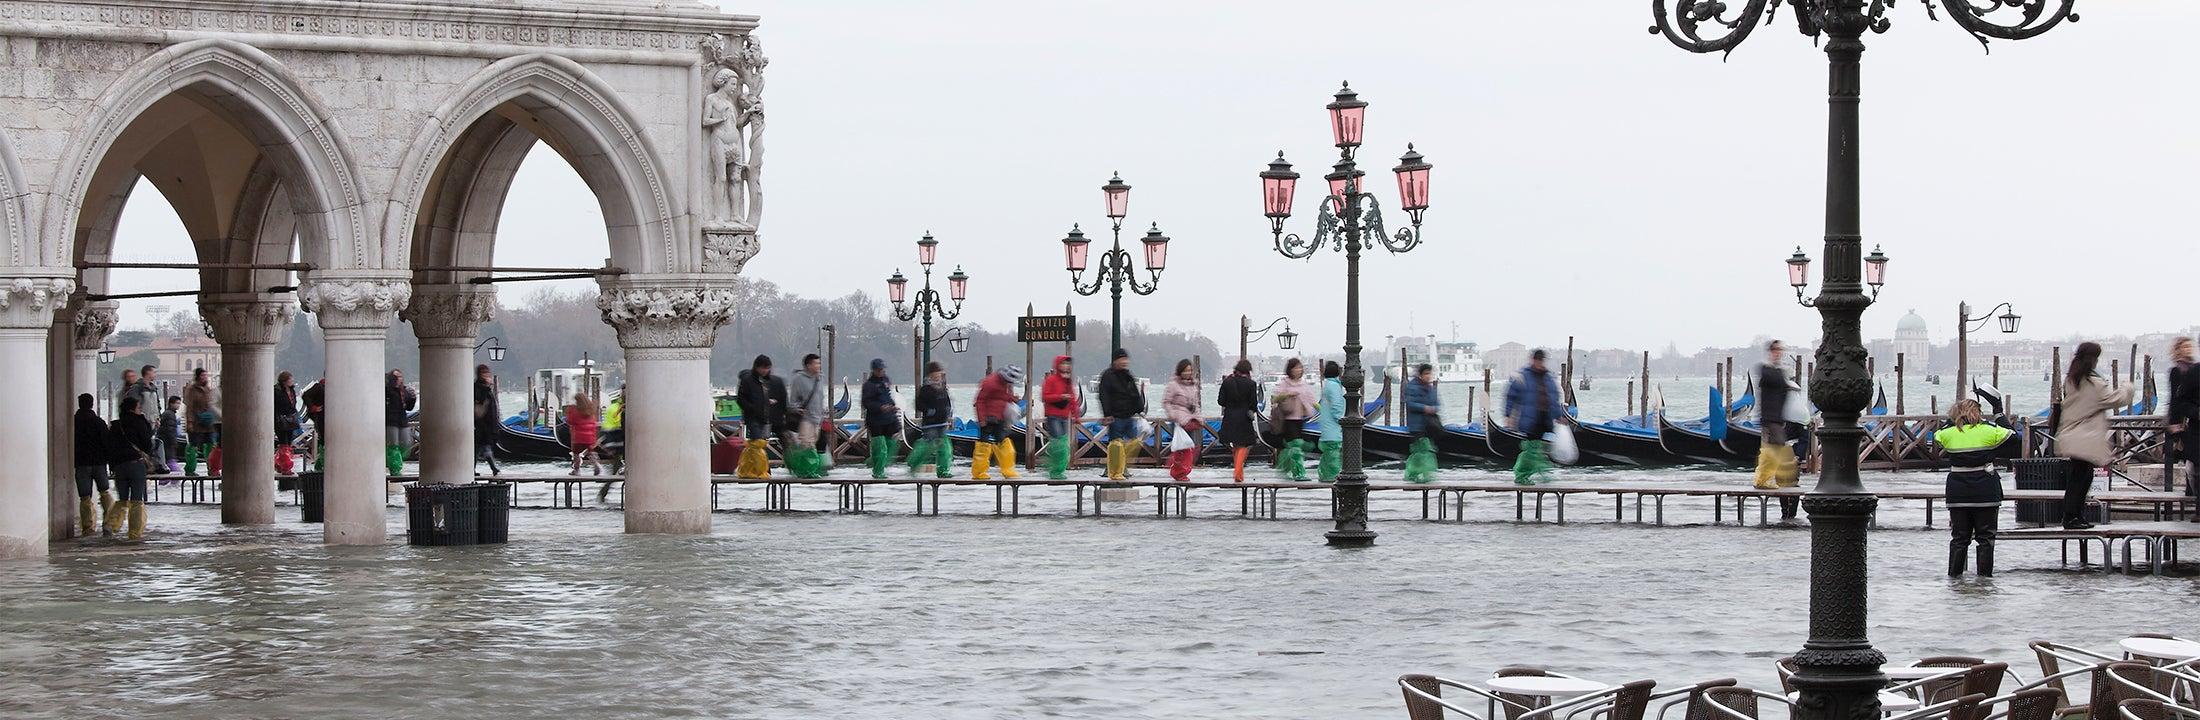 Straatbeeld van een overstroomd plein in Venetie